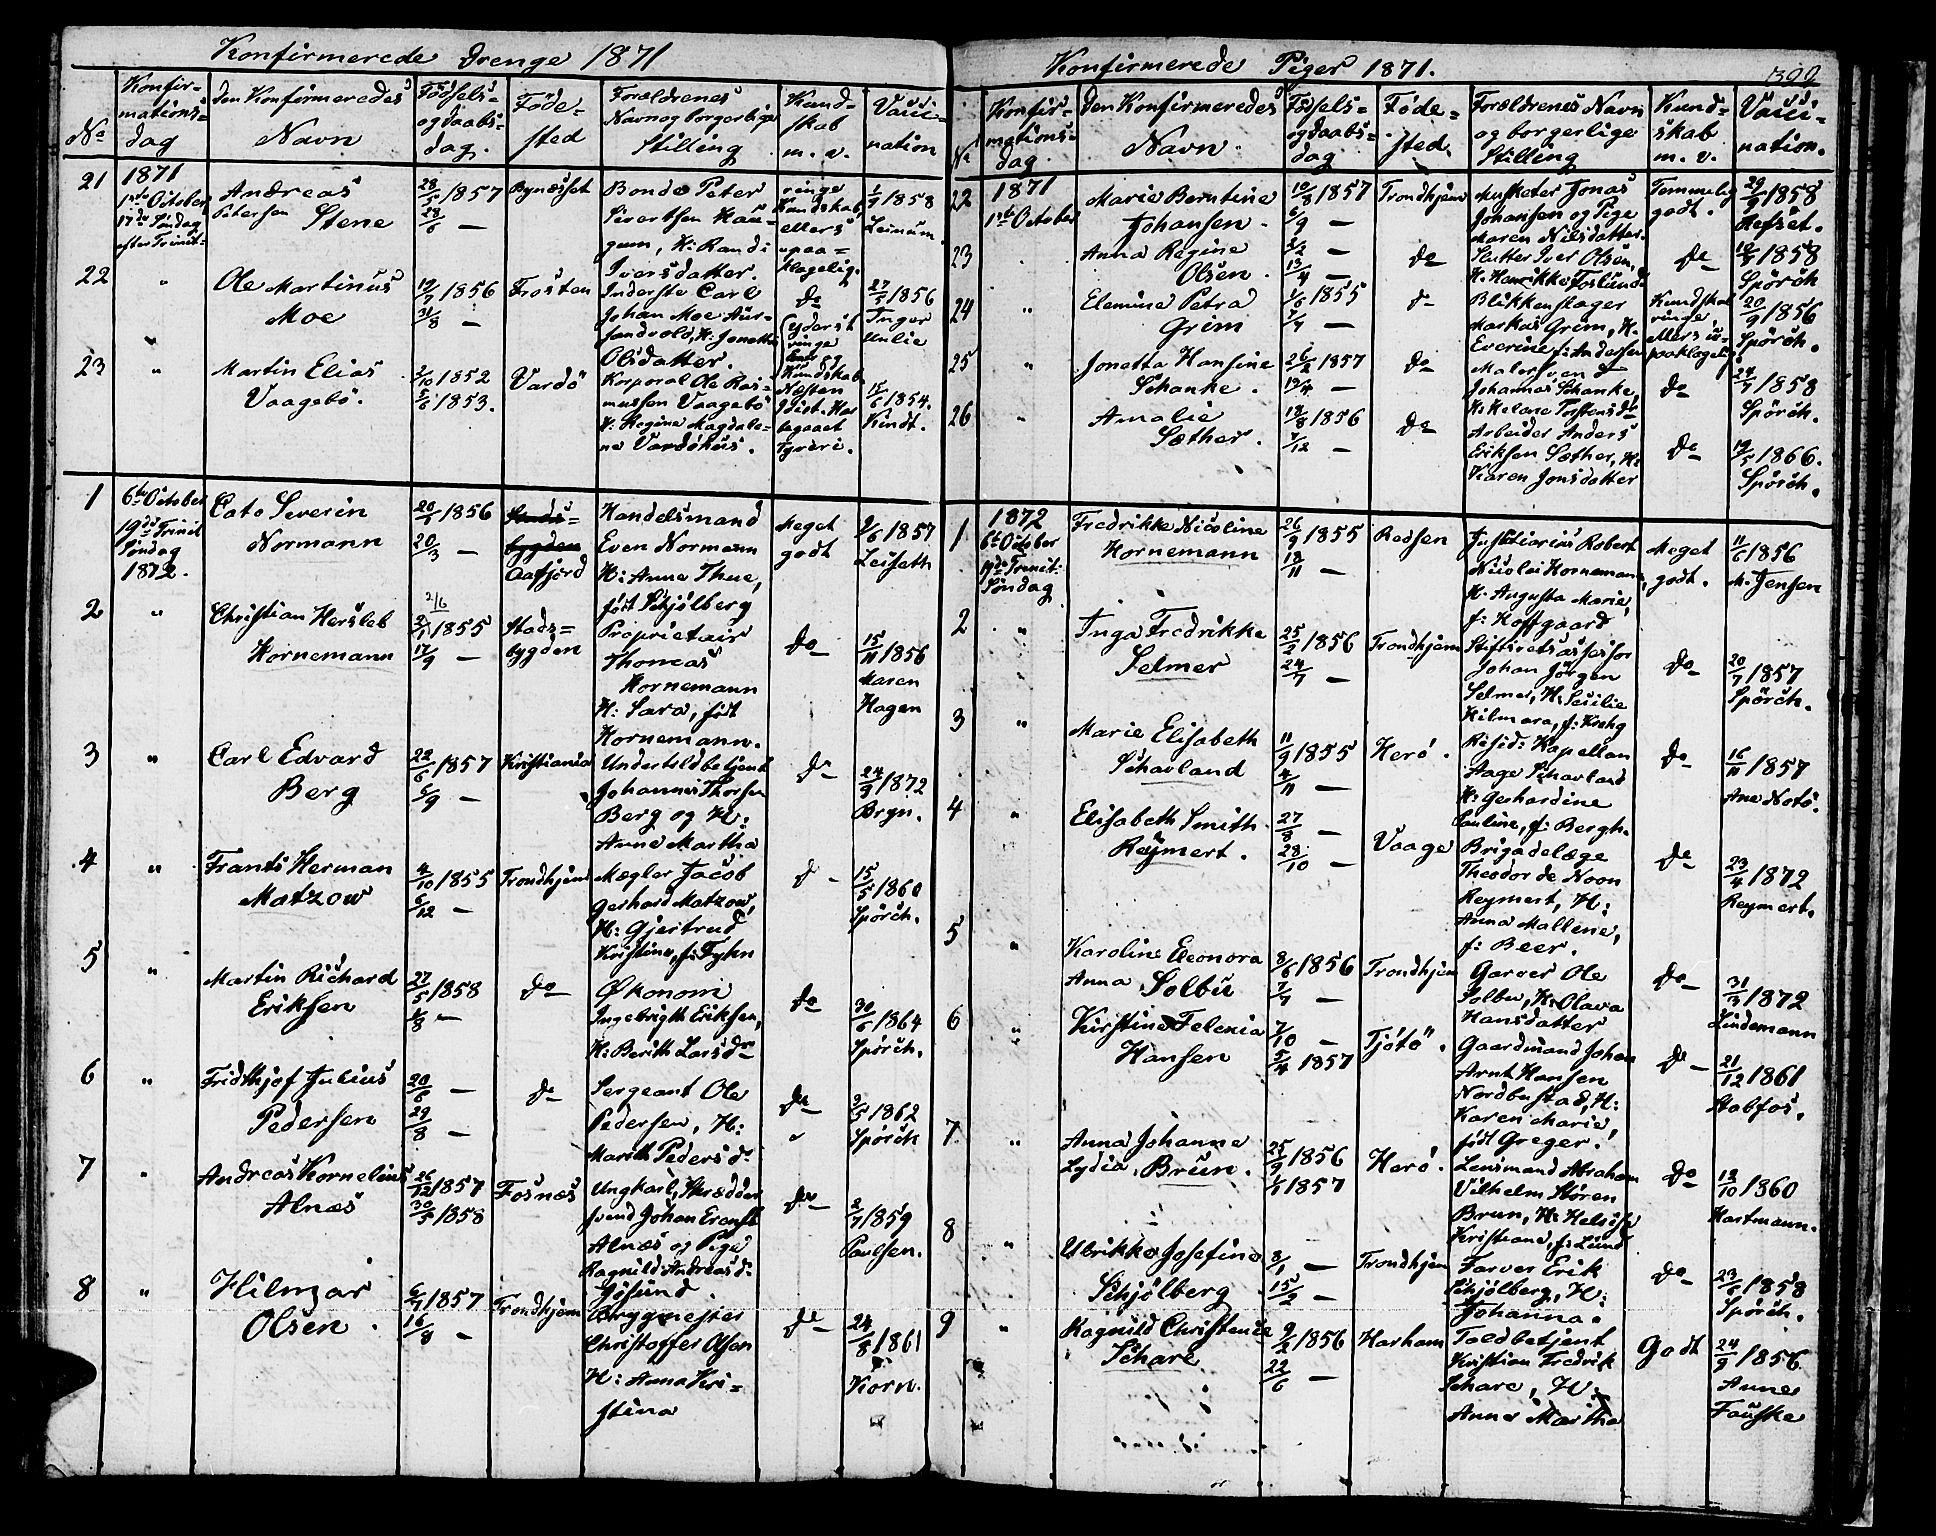 SAT, Ministerialprotokoller, klokkerbøker og fødselsregistre - Sør-Trøndelag, 601/L0070: Residerende kapellans bok nr. 601B03, 1821-1881, s. 322a